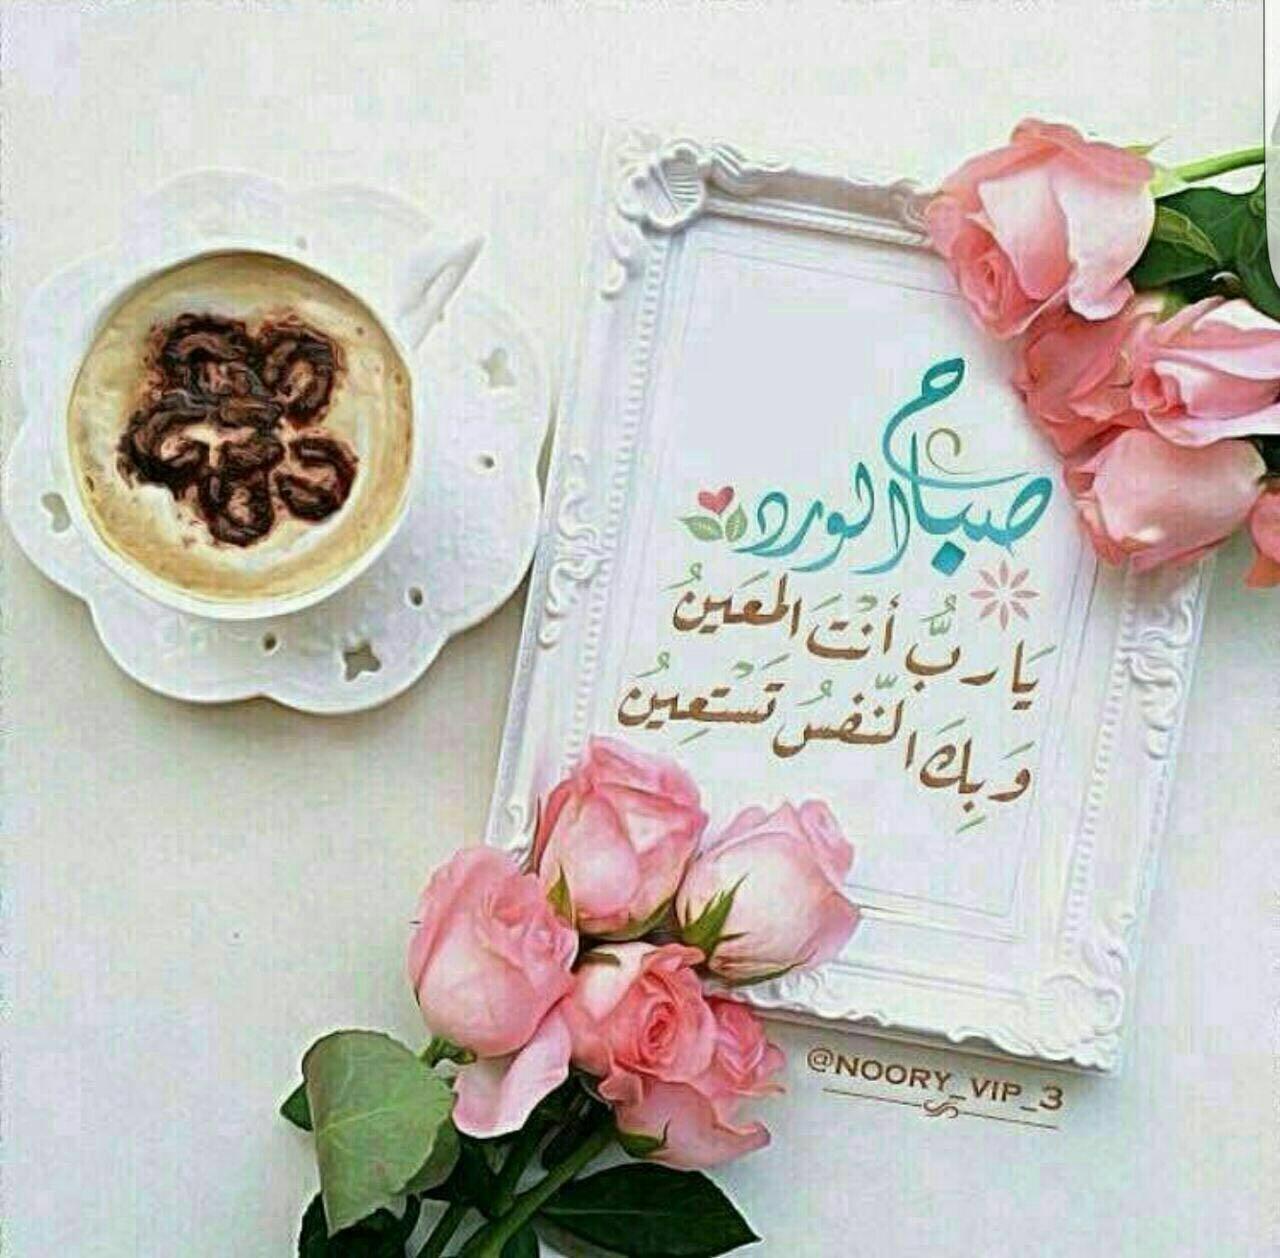 بالصور رسائل صباح الخير , صور مكتوب عليها صباح الخير 3452 1